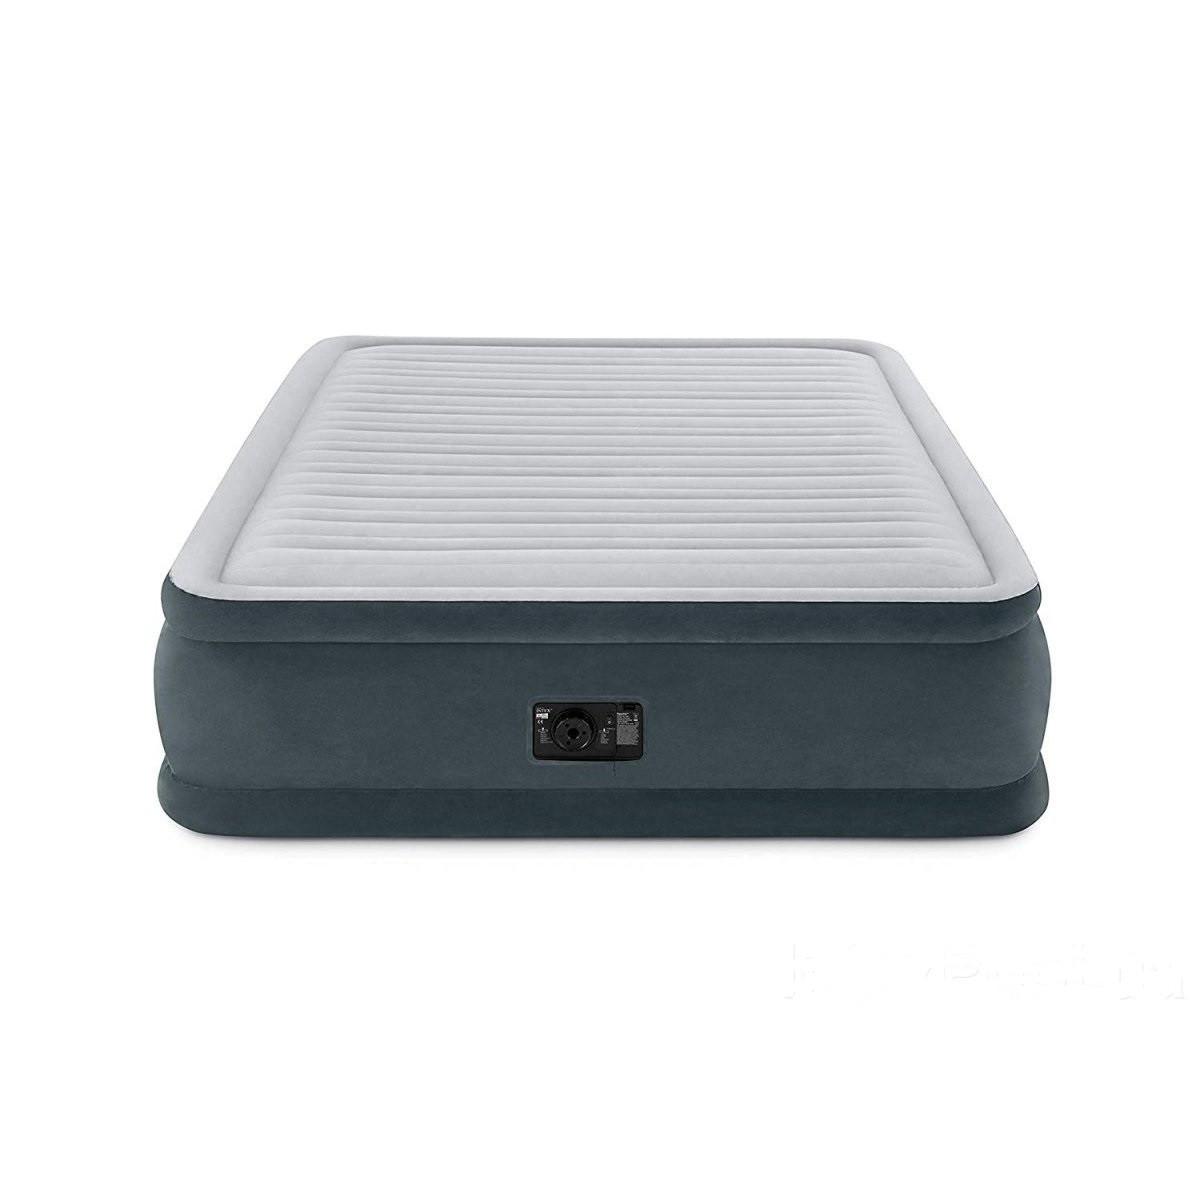 Надувна двоспальне ліжко Intex 64414 Comfort-Plush з вбудованим електронасосом і сумкою для зберігання